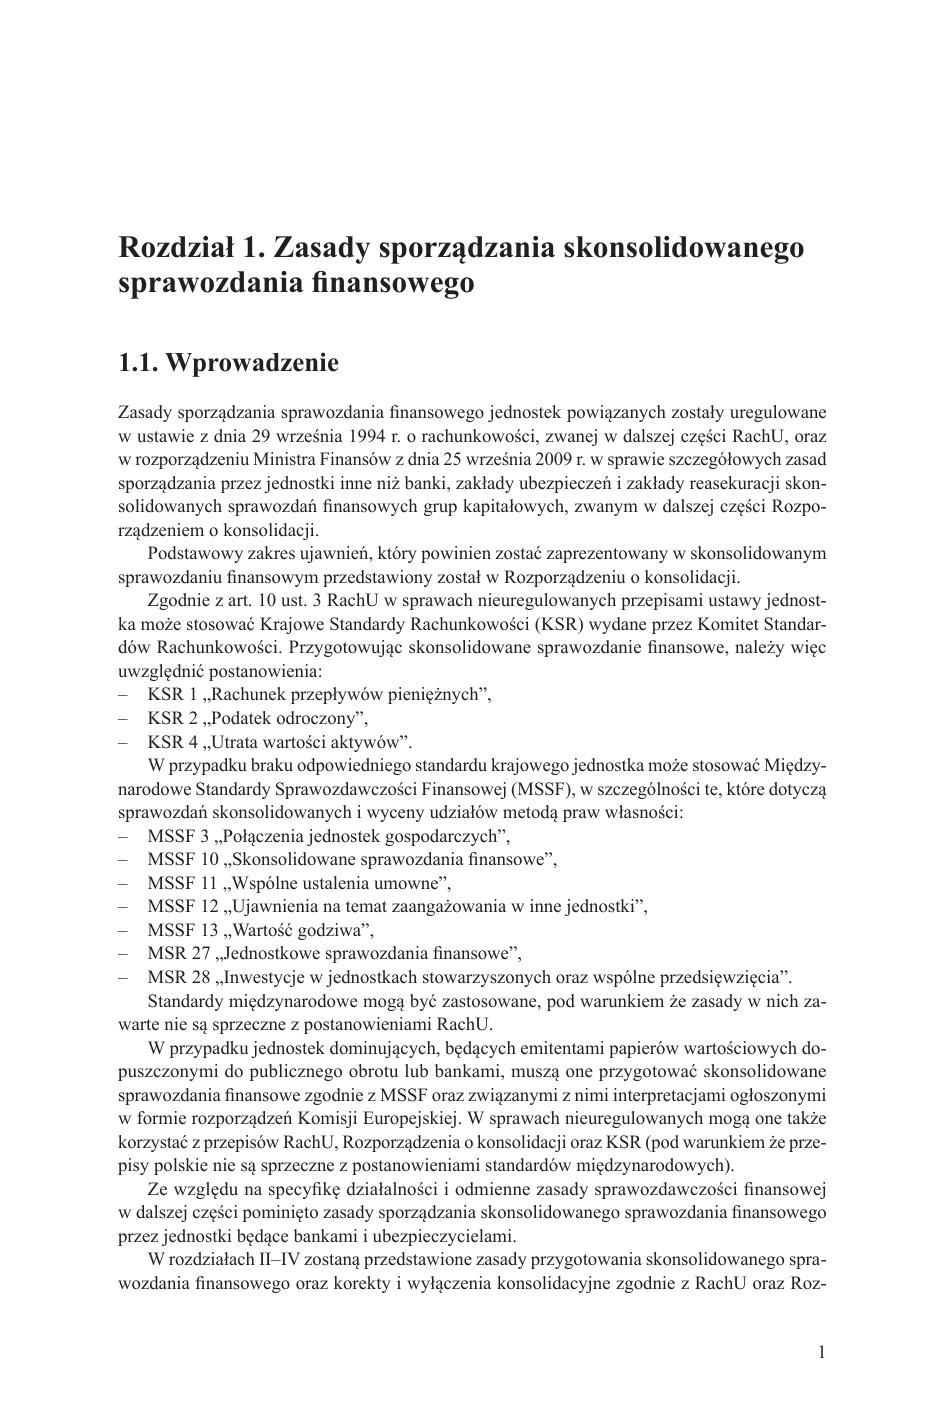 1.4.1. Definicja podmiotów powiązanych